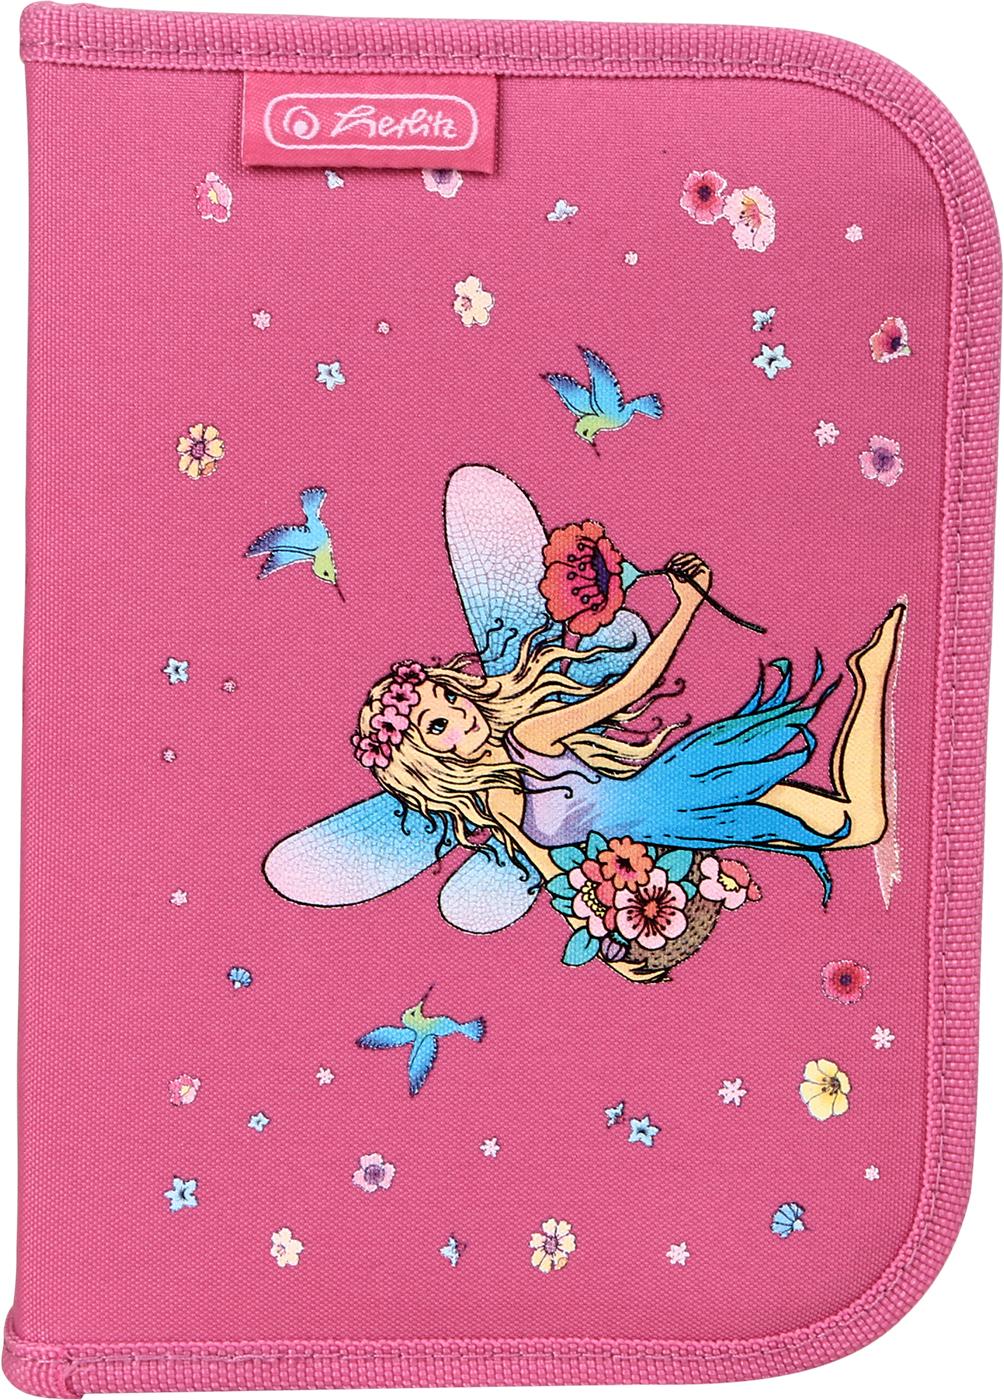 Ранец Herlitz Midi Plus Flower Fairy с наполнением 4 предмета, - фото 8